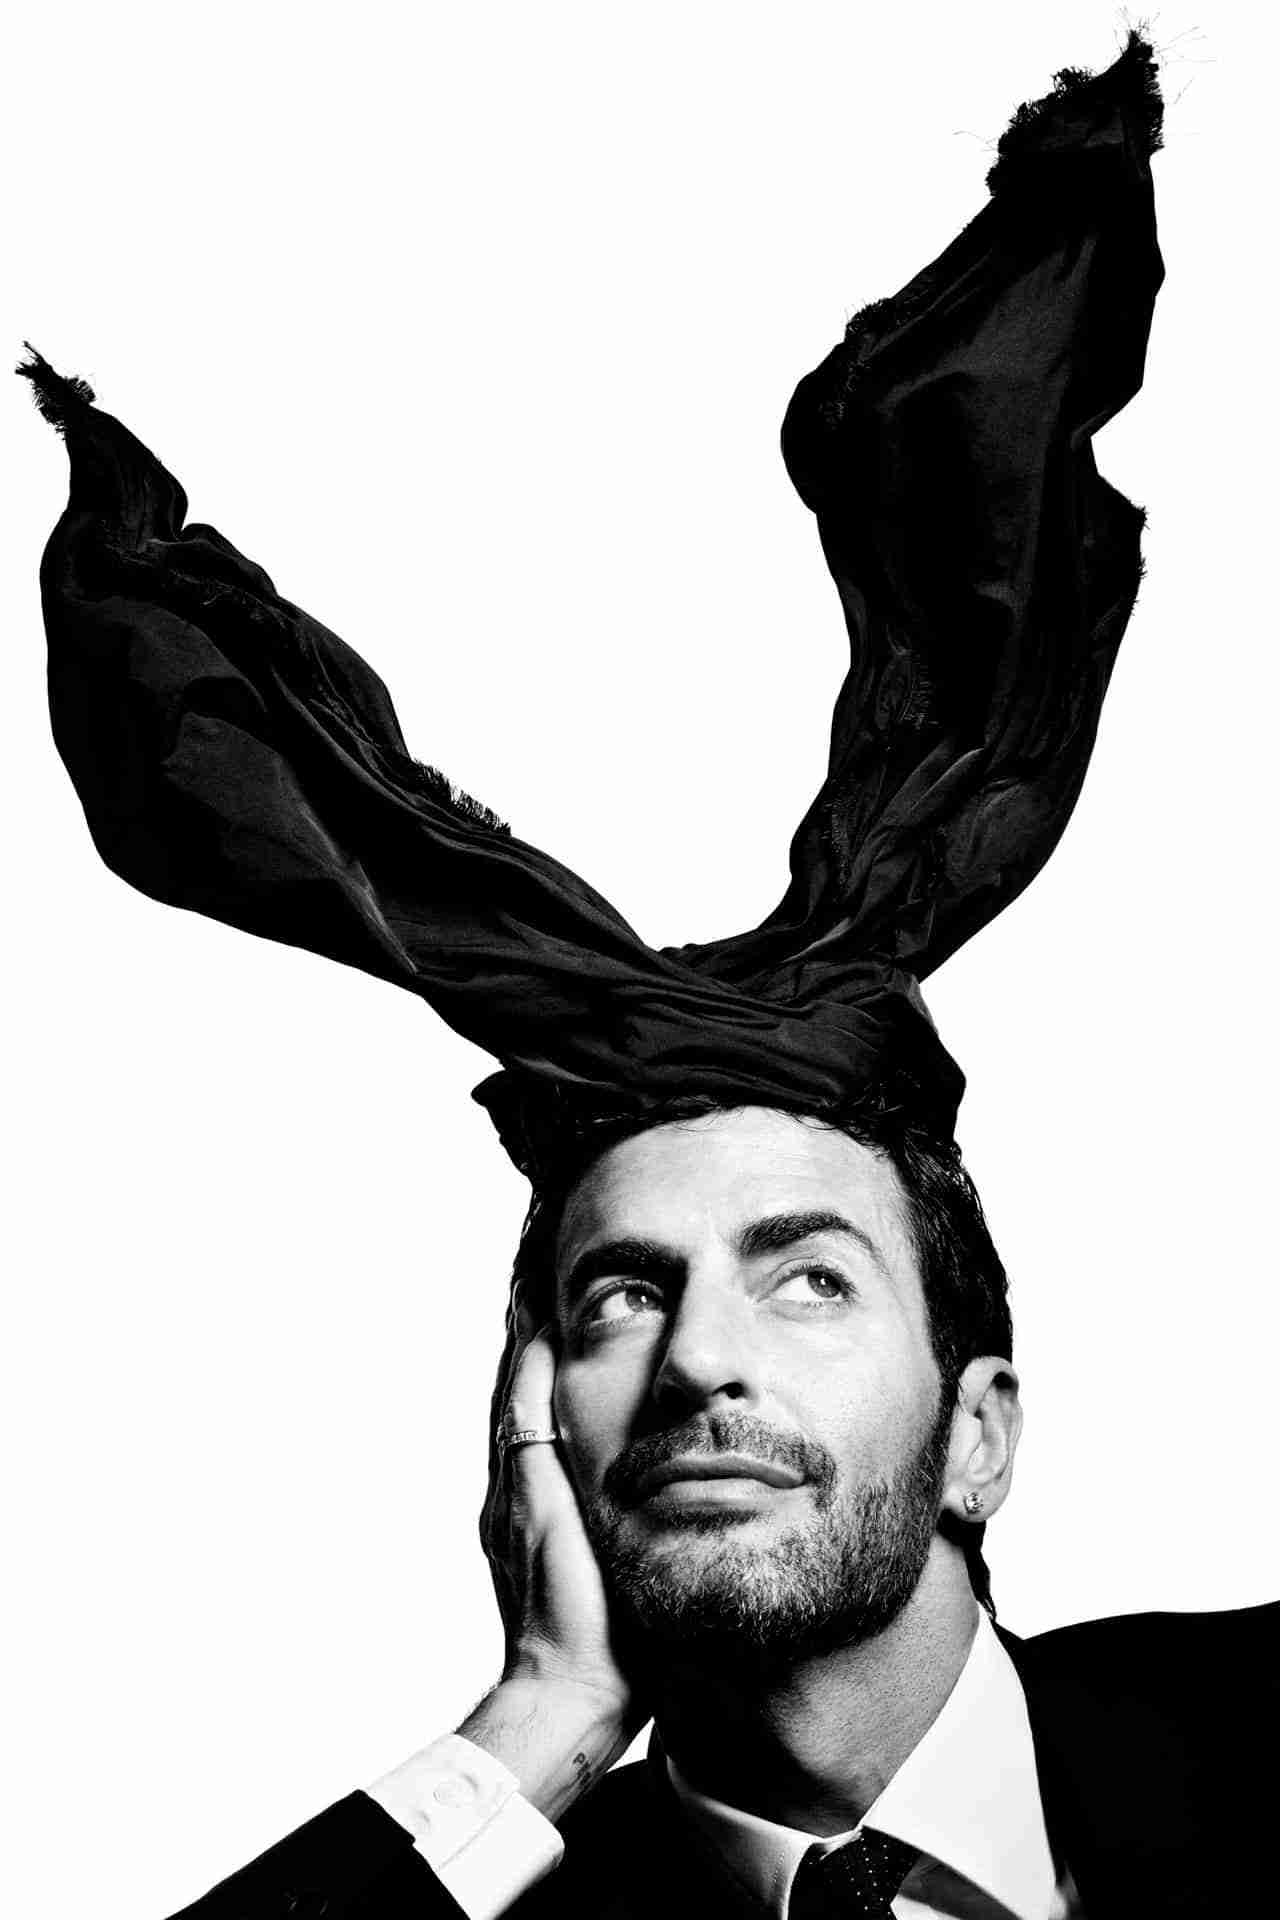 Marc Jacobs - wizjoner i ekscentryk